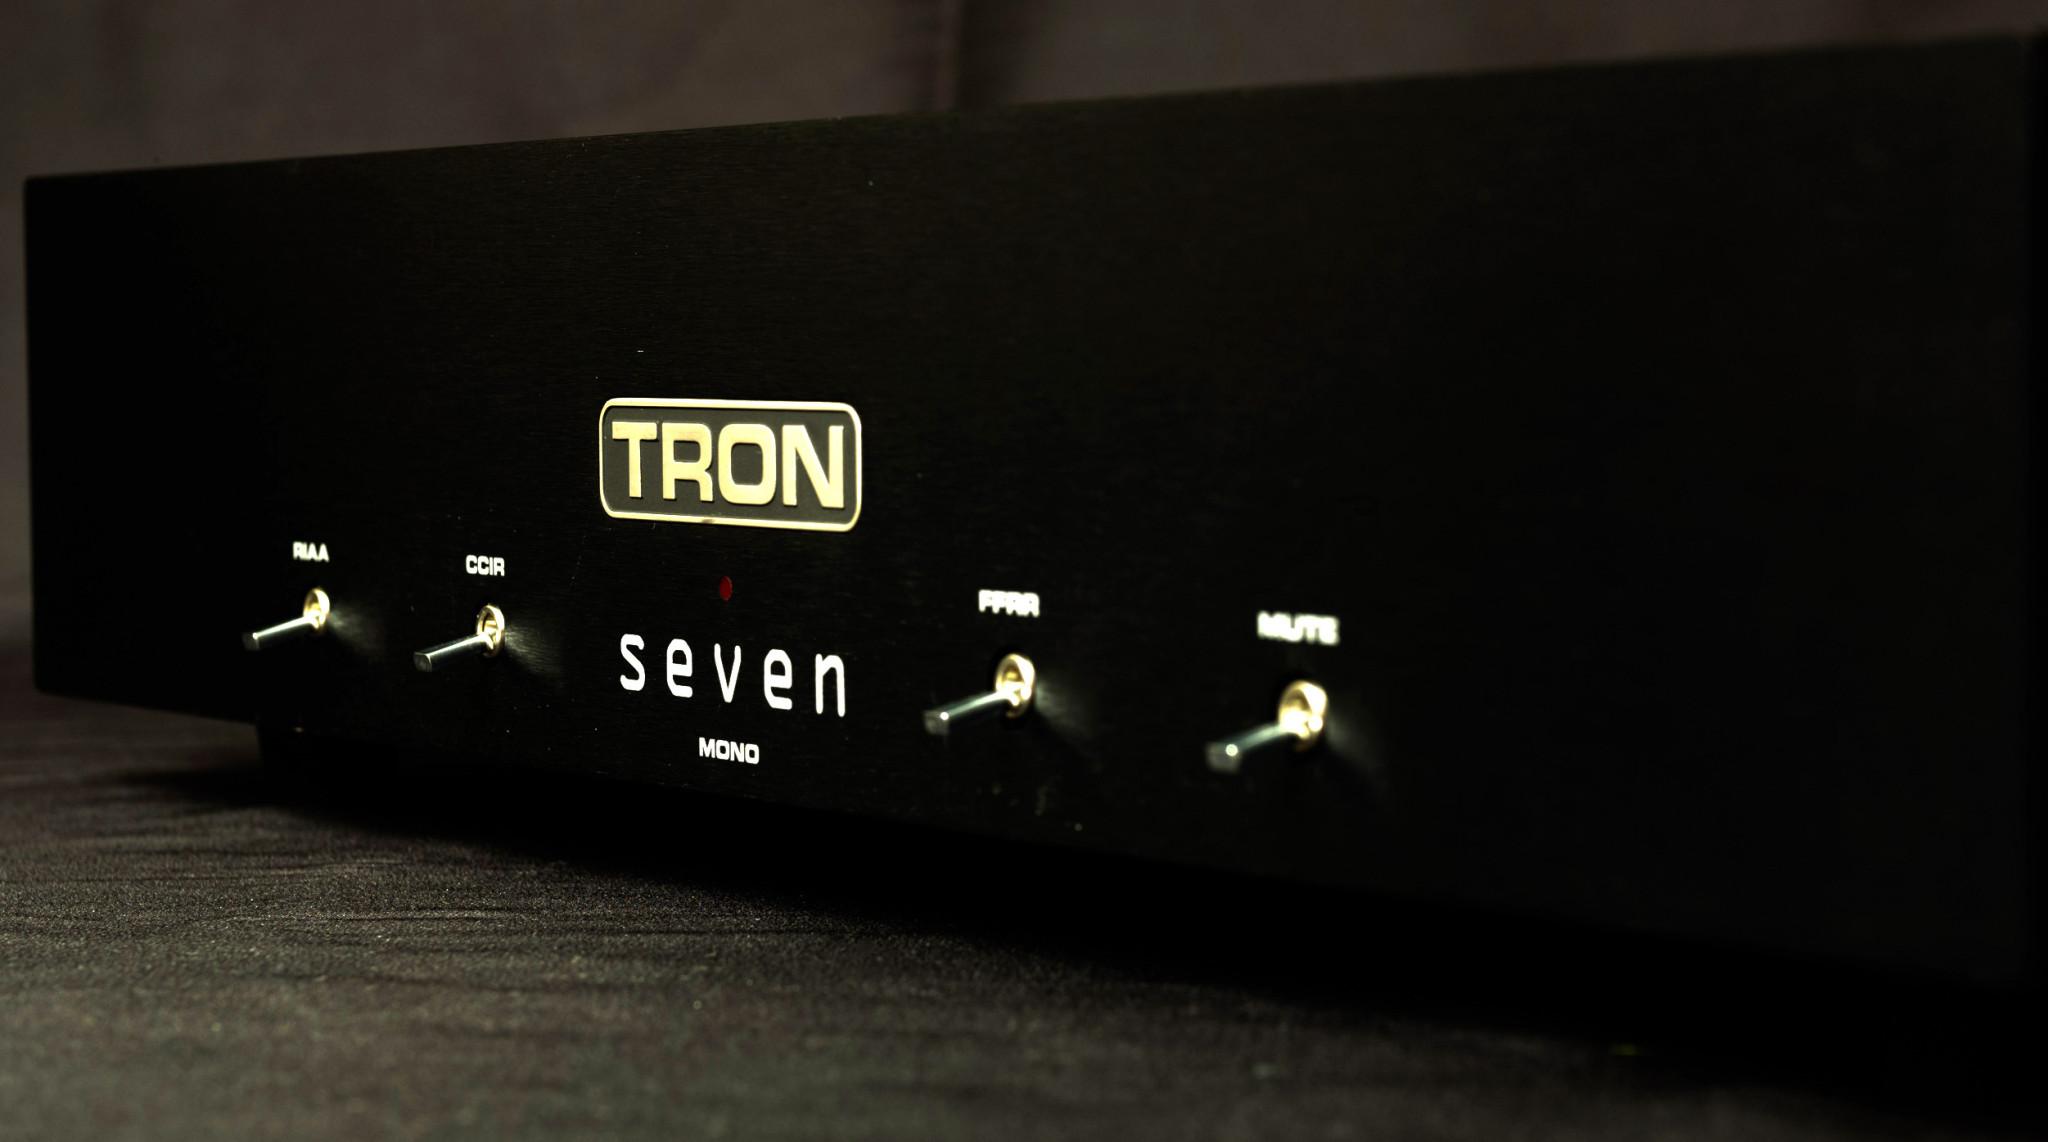 TRON Seven Phono Mono